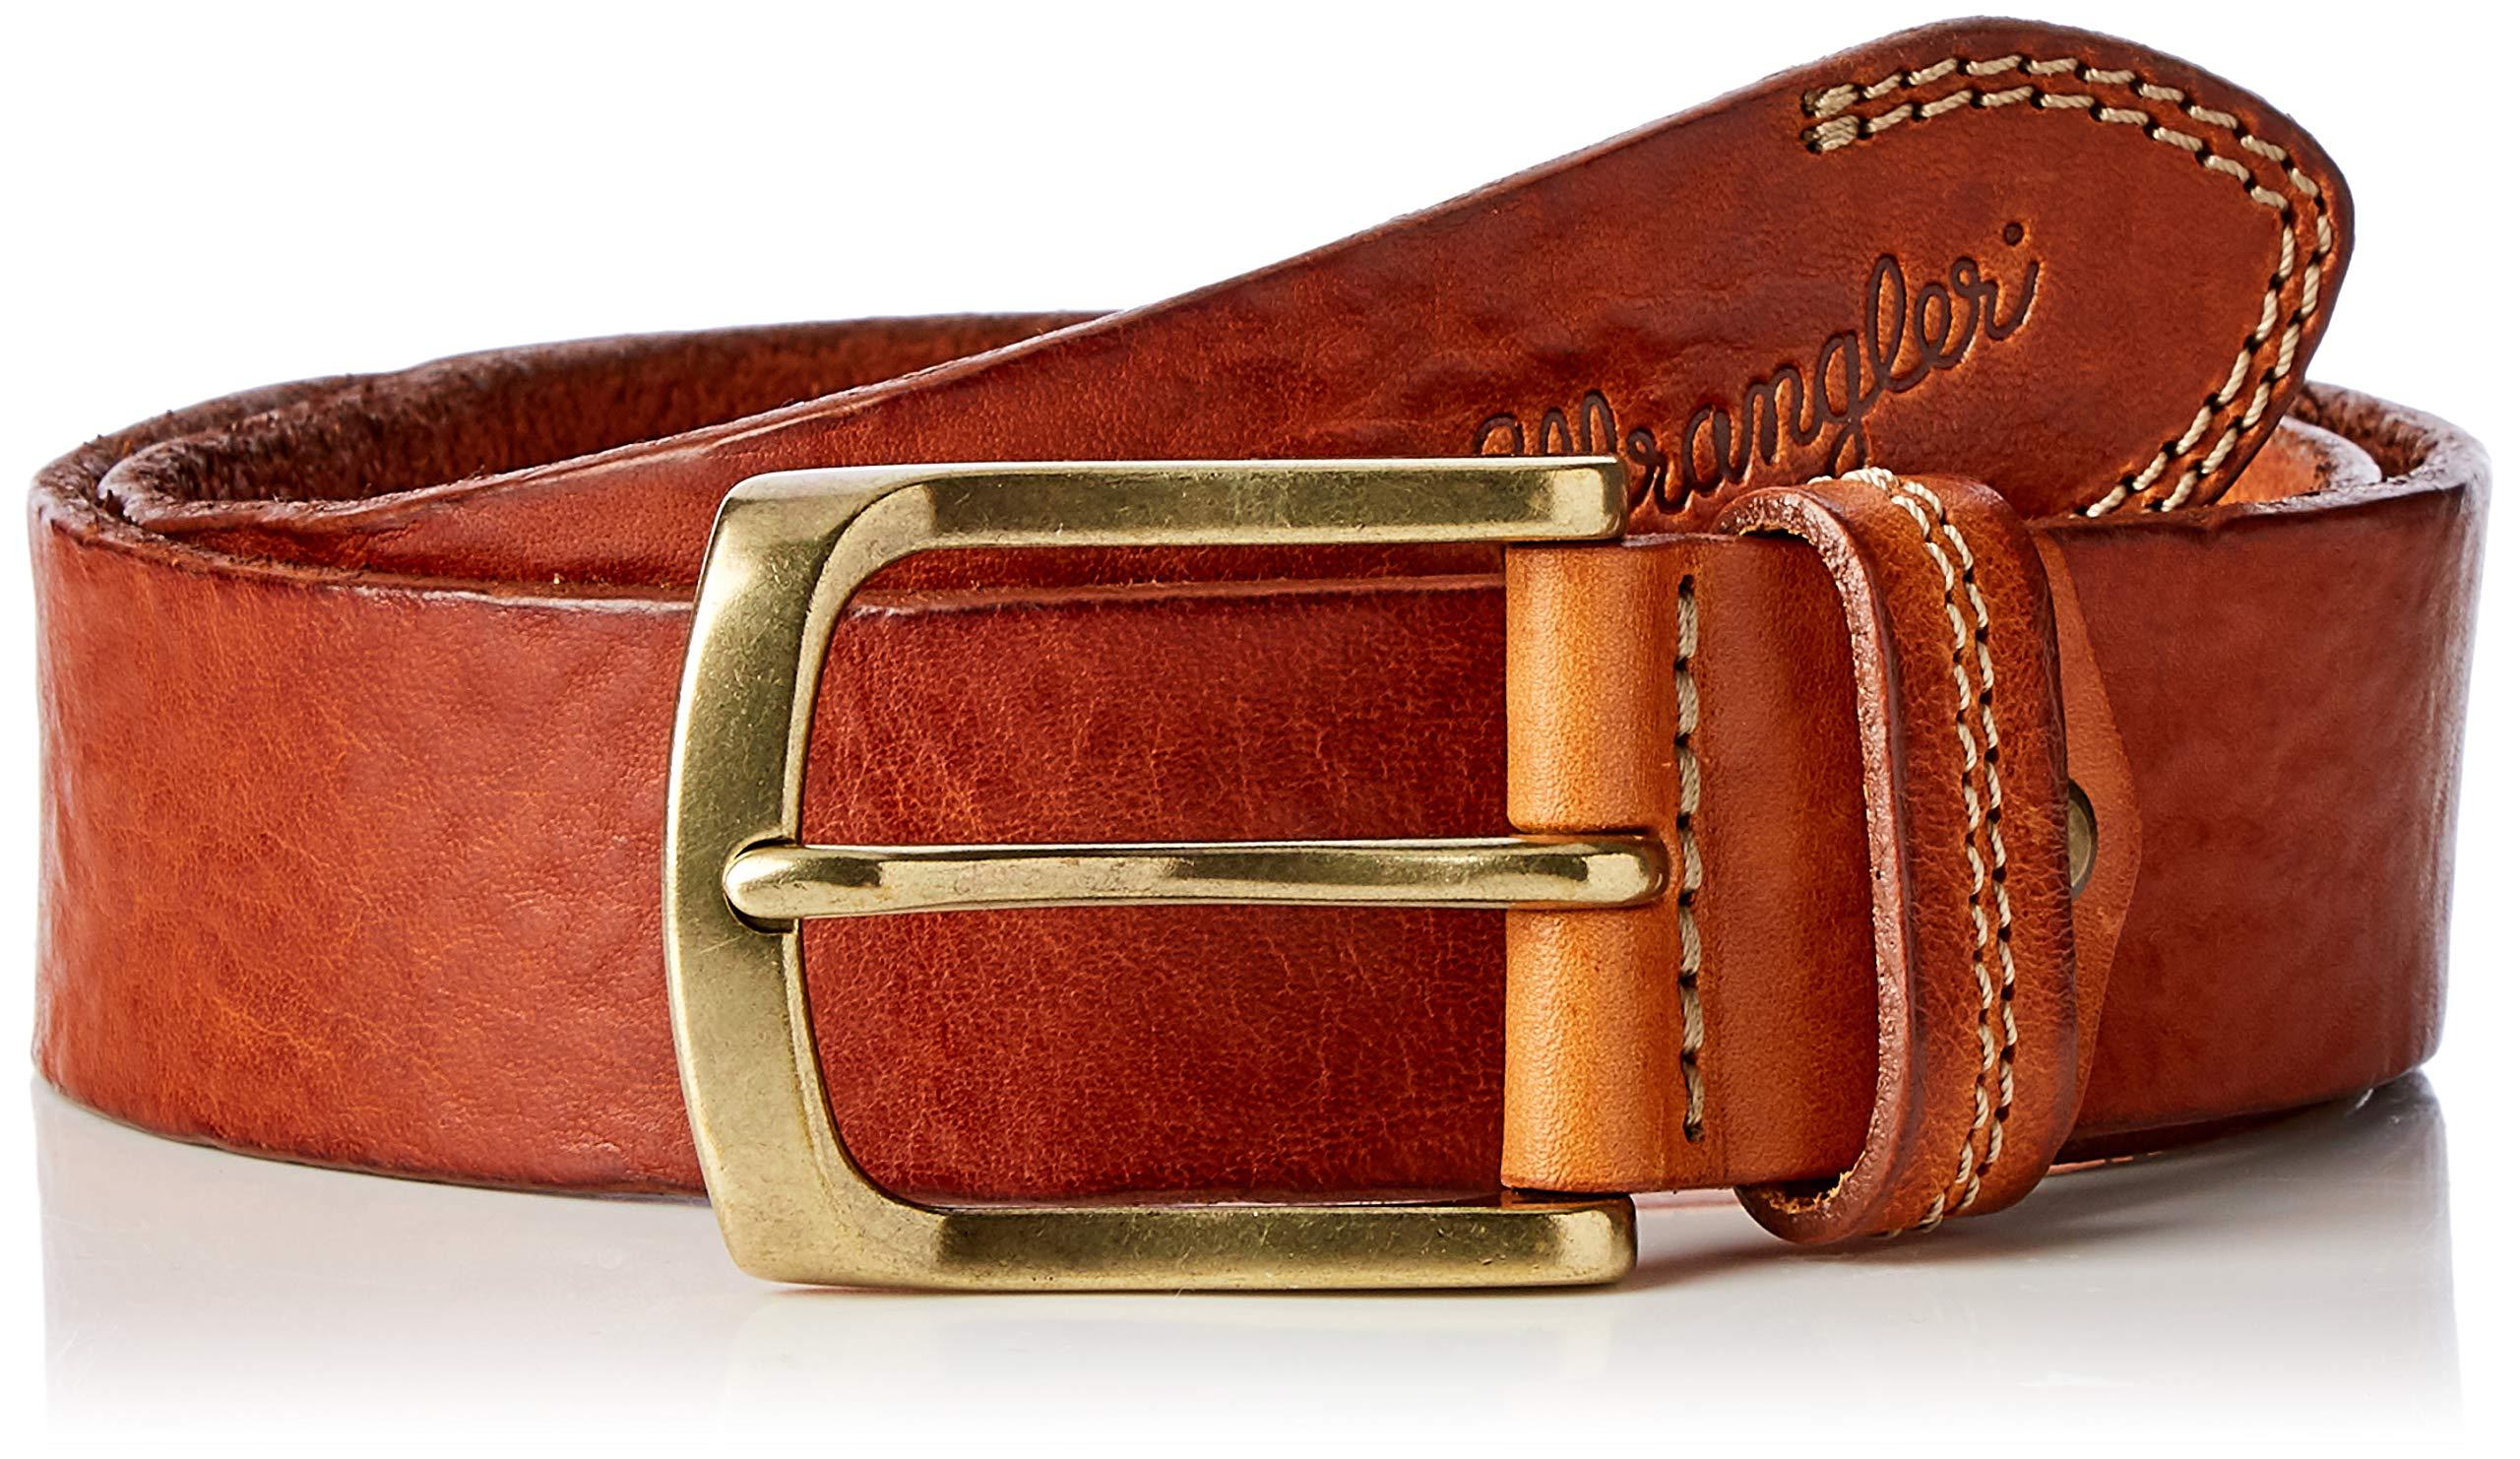 Stitch Loop Wrangler 185125taille CeintureMarronbrown Fabricant 110678Homme Belt mN0w8vOn